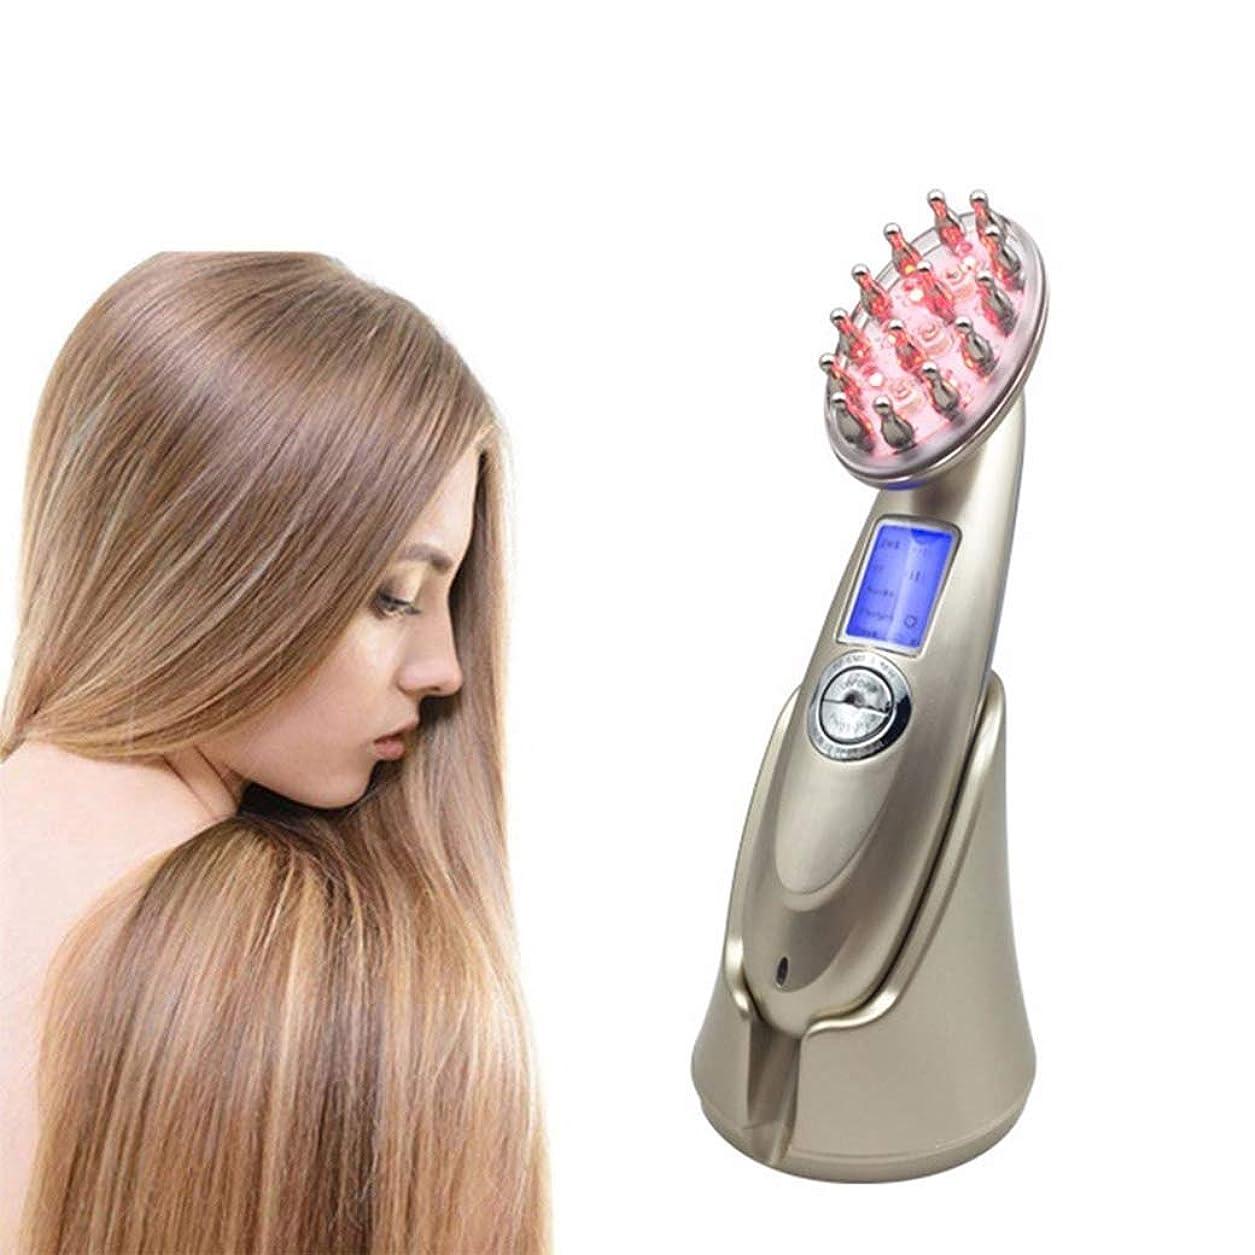 肉のランチ十代の若者たち脱毛治療装置、レーザー+ LED光療法脱毛ブラシ、ヘッドマッサージコーム、毛成長マッサージ、男性または女性用の抗脱毛コーム